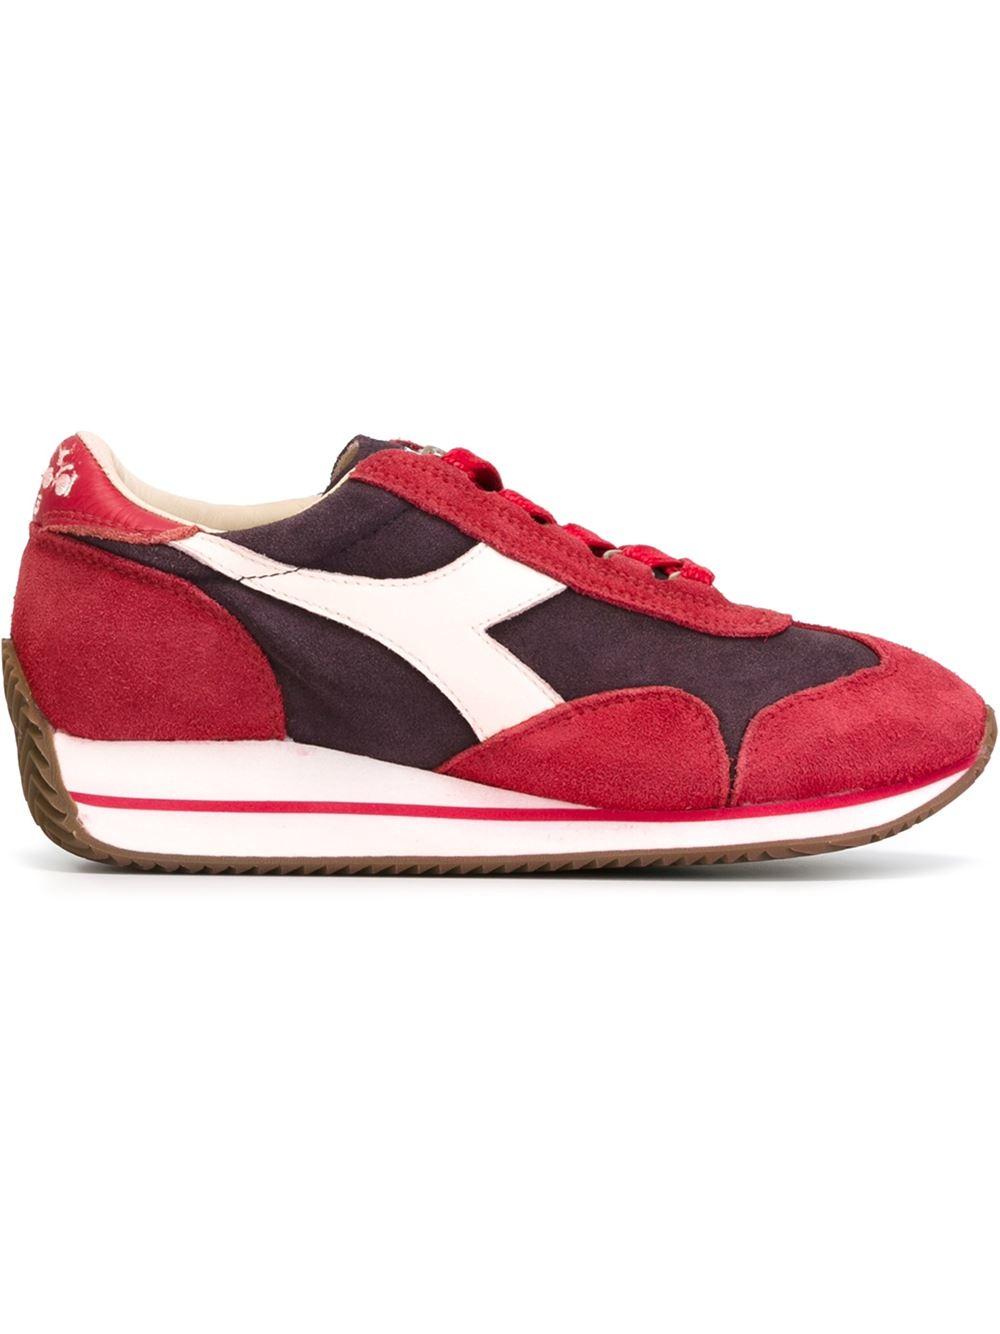 diadora sneakers - photo #13